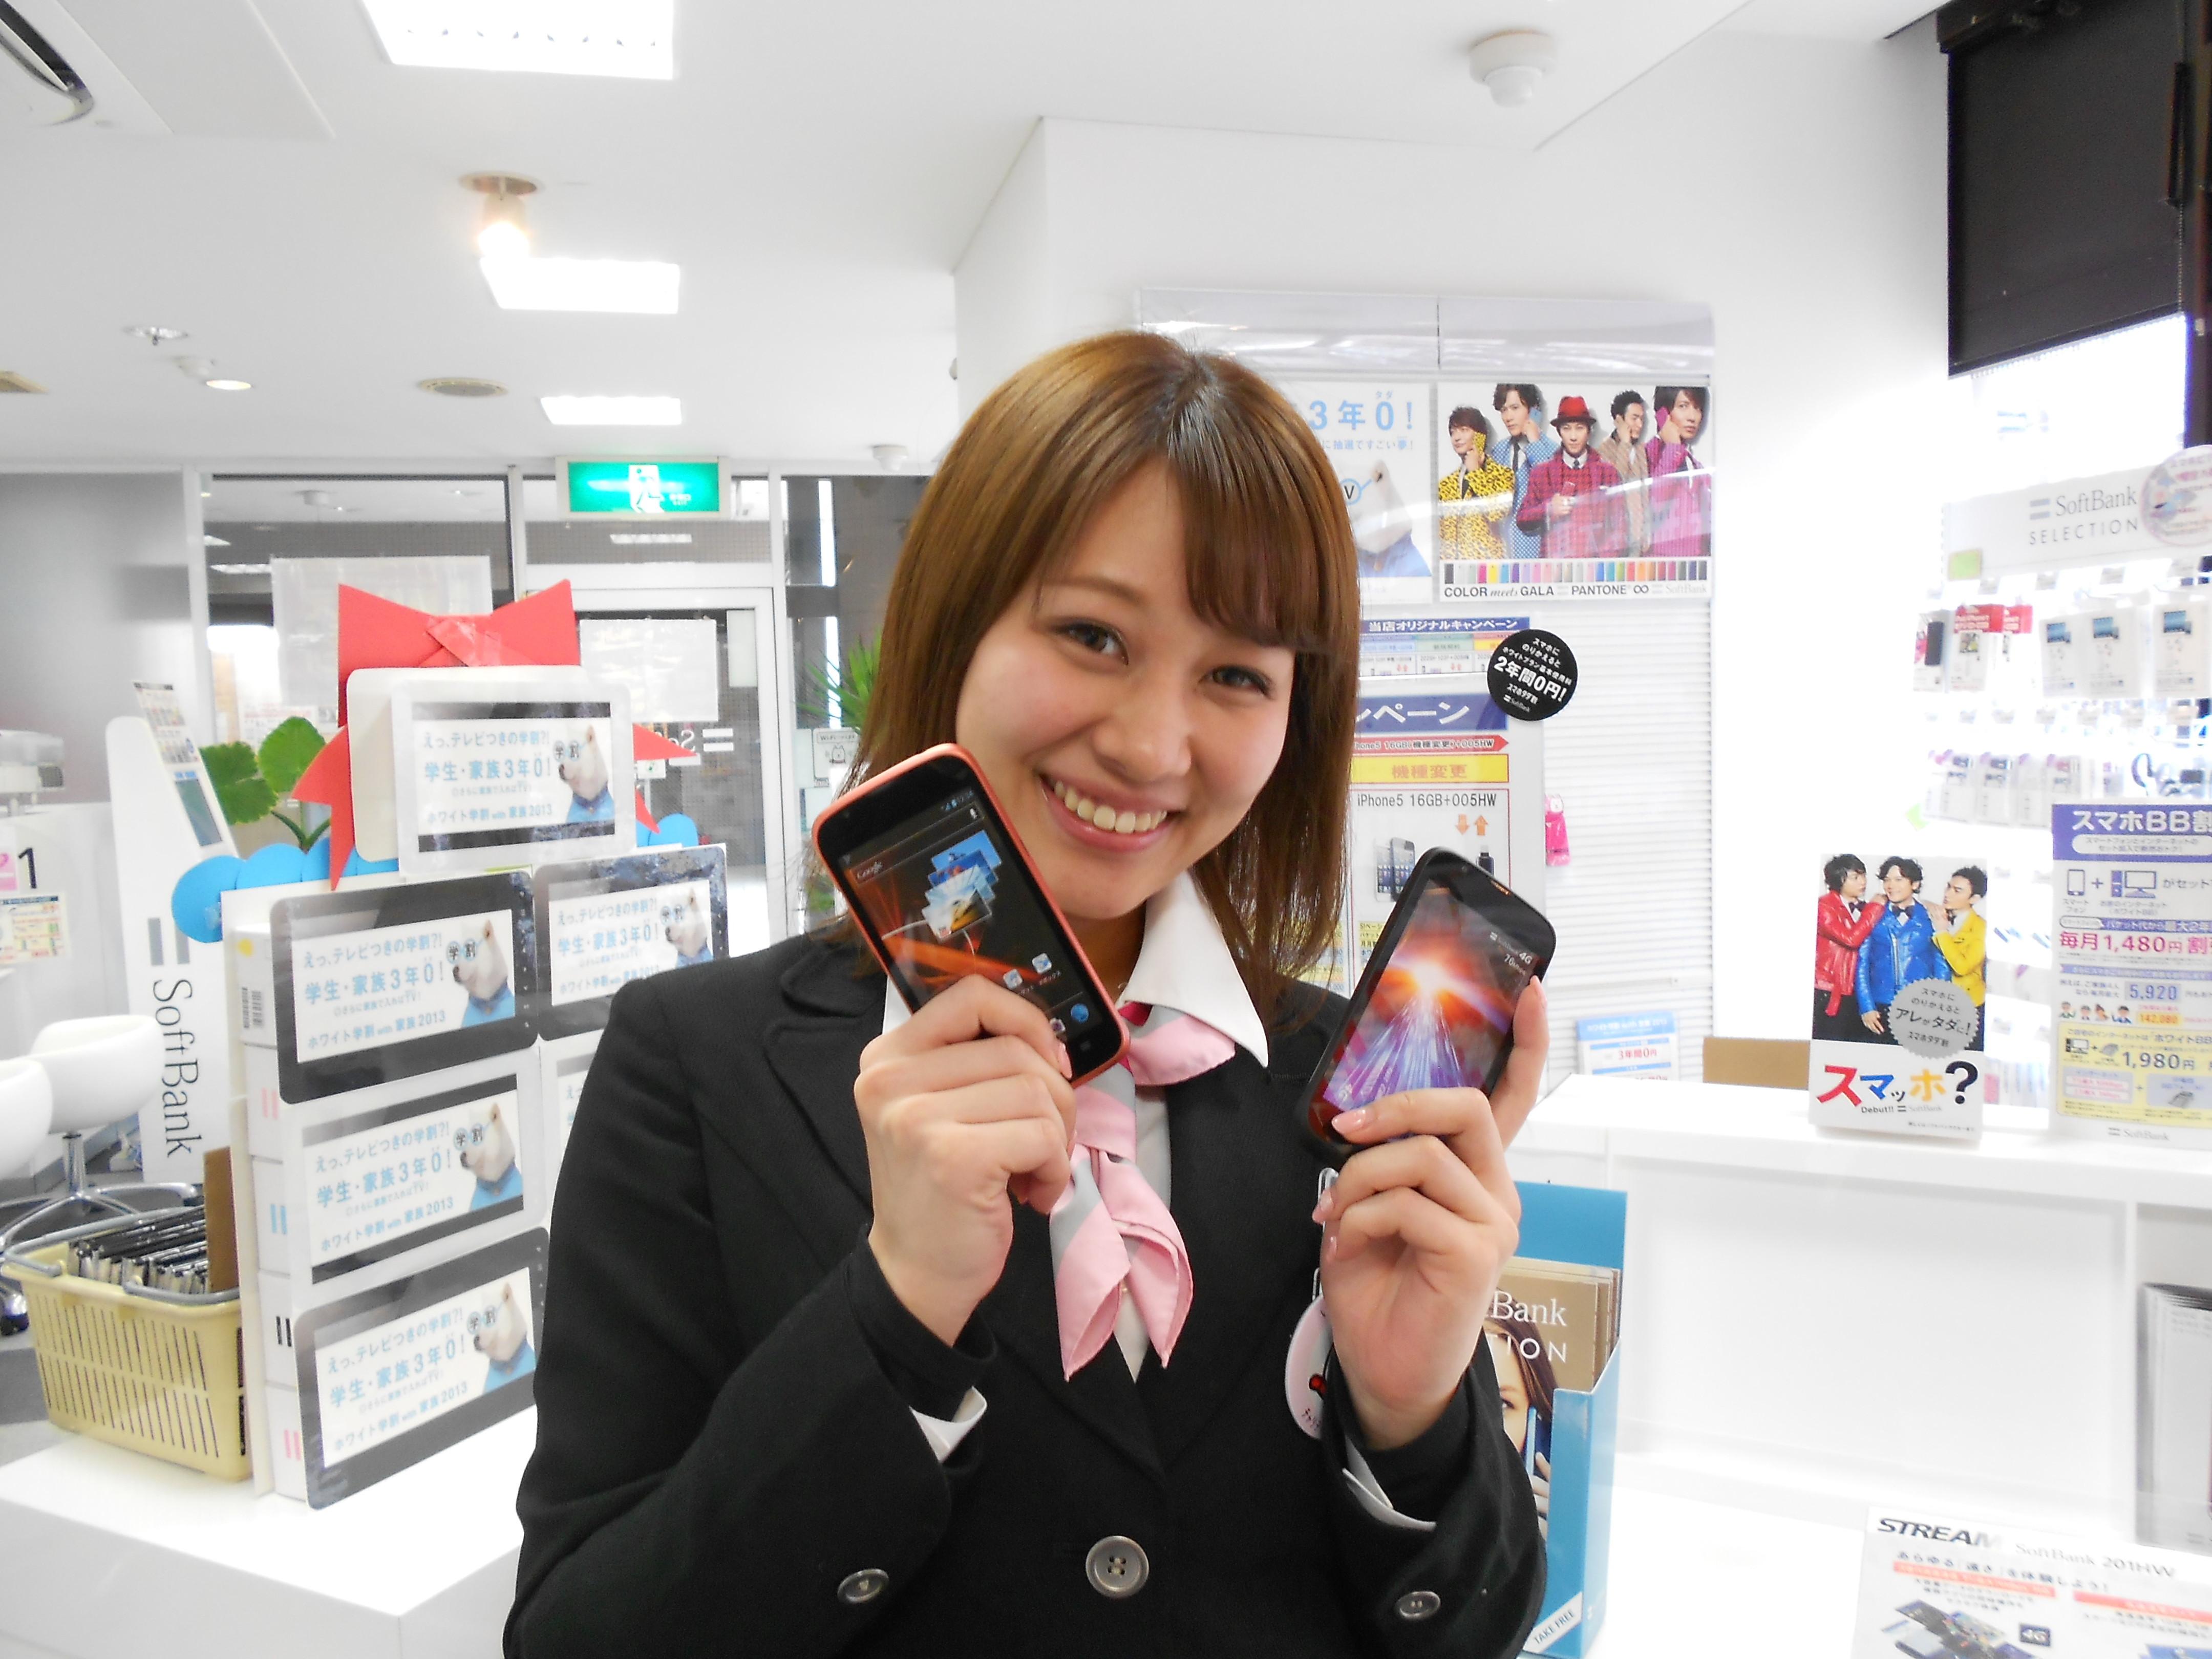 ソフトバンク 武蔵村山店(株式会社シエロ)のアルバイト情報